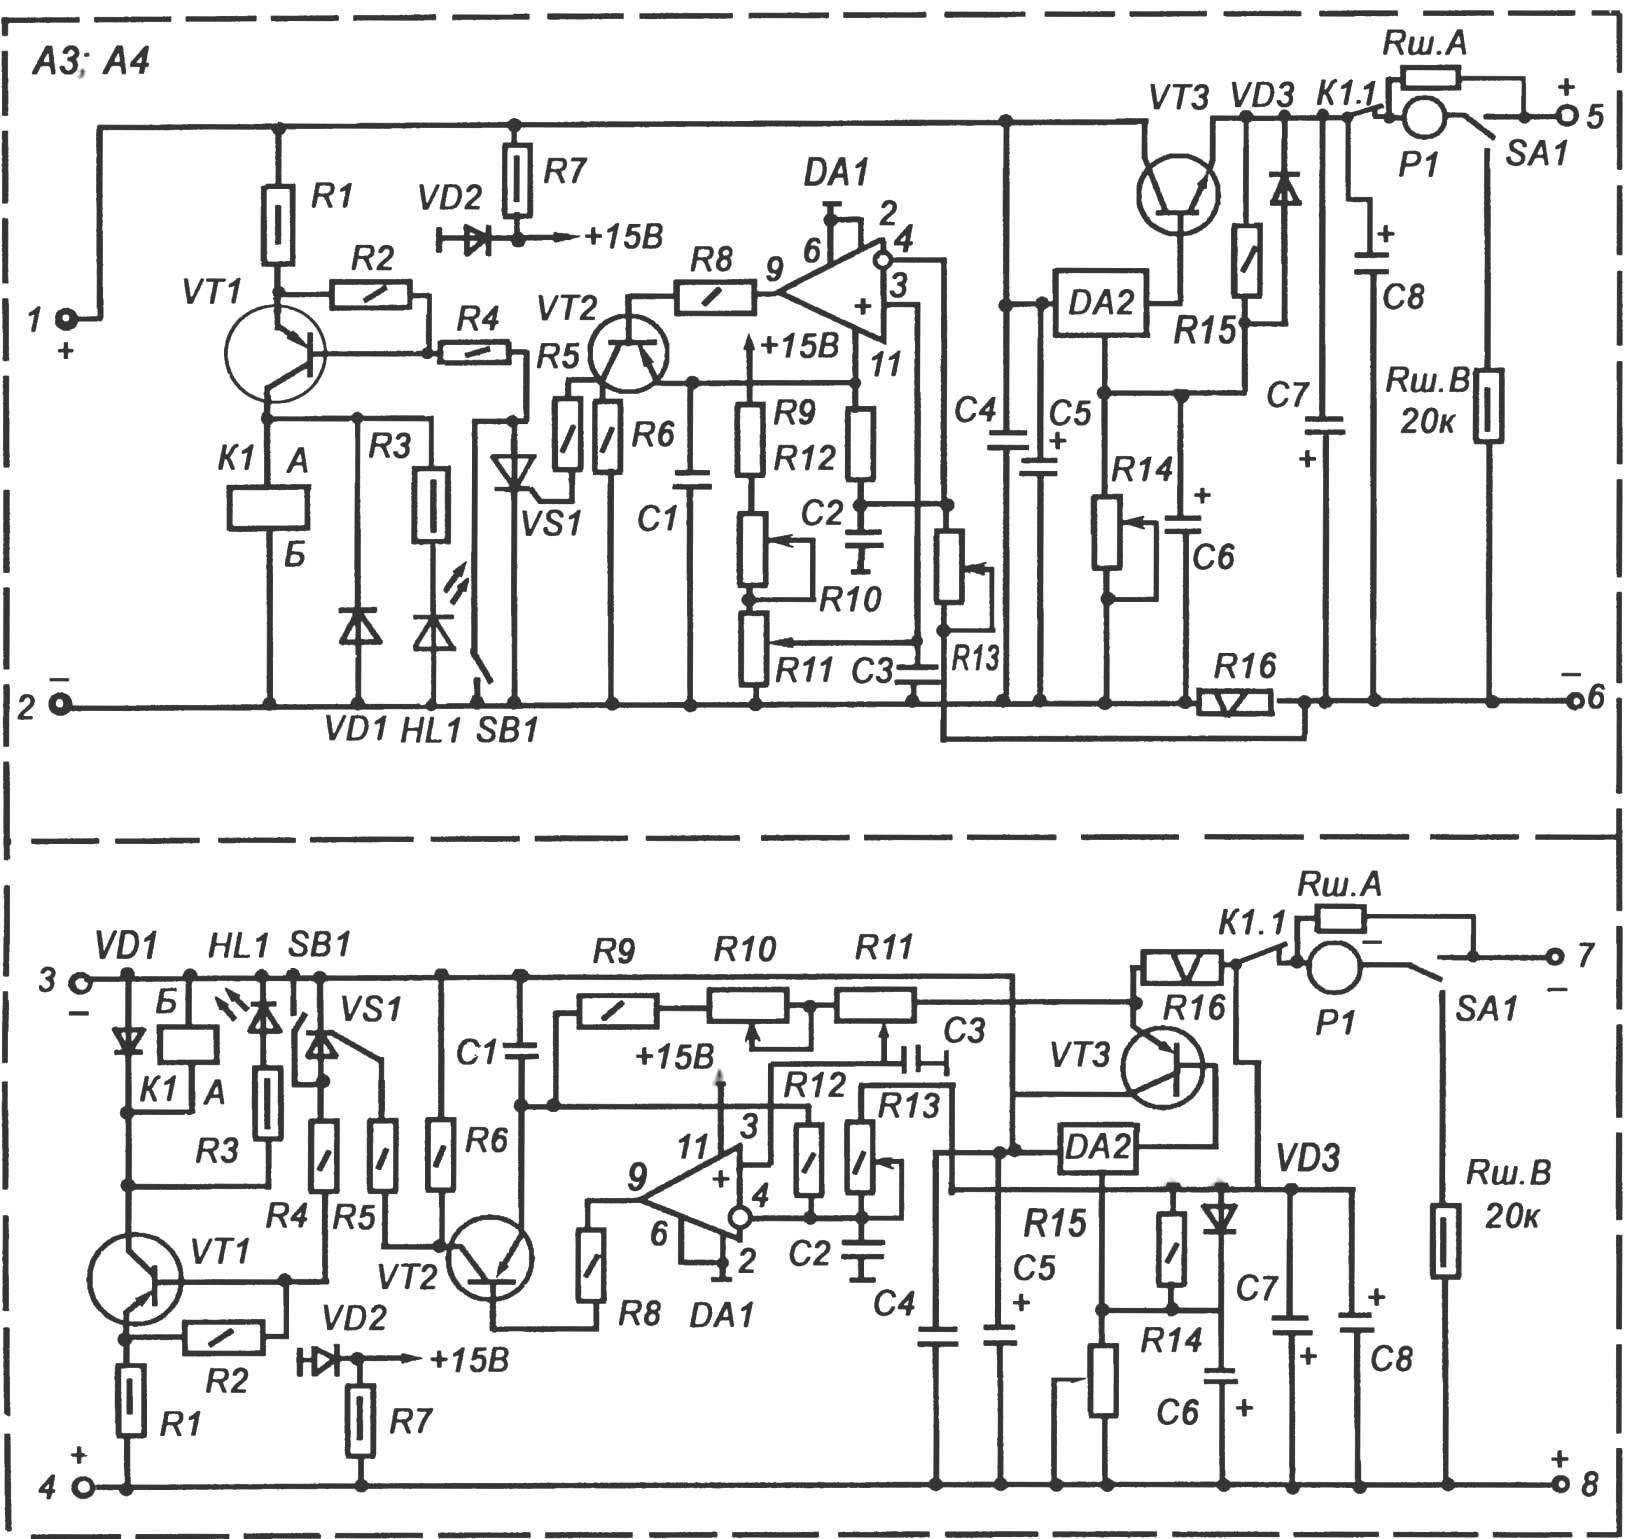 Принципиальная электрическая схема регулируемых стабилизаторов напряжения с защитой от перегрузки и короткого замыкания в налаживаемых устройствах